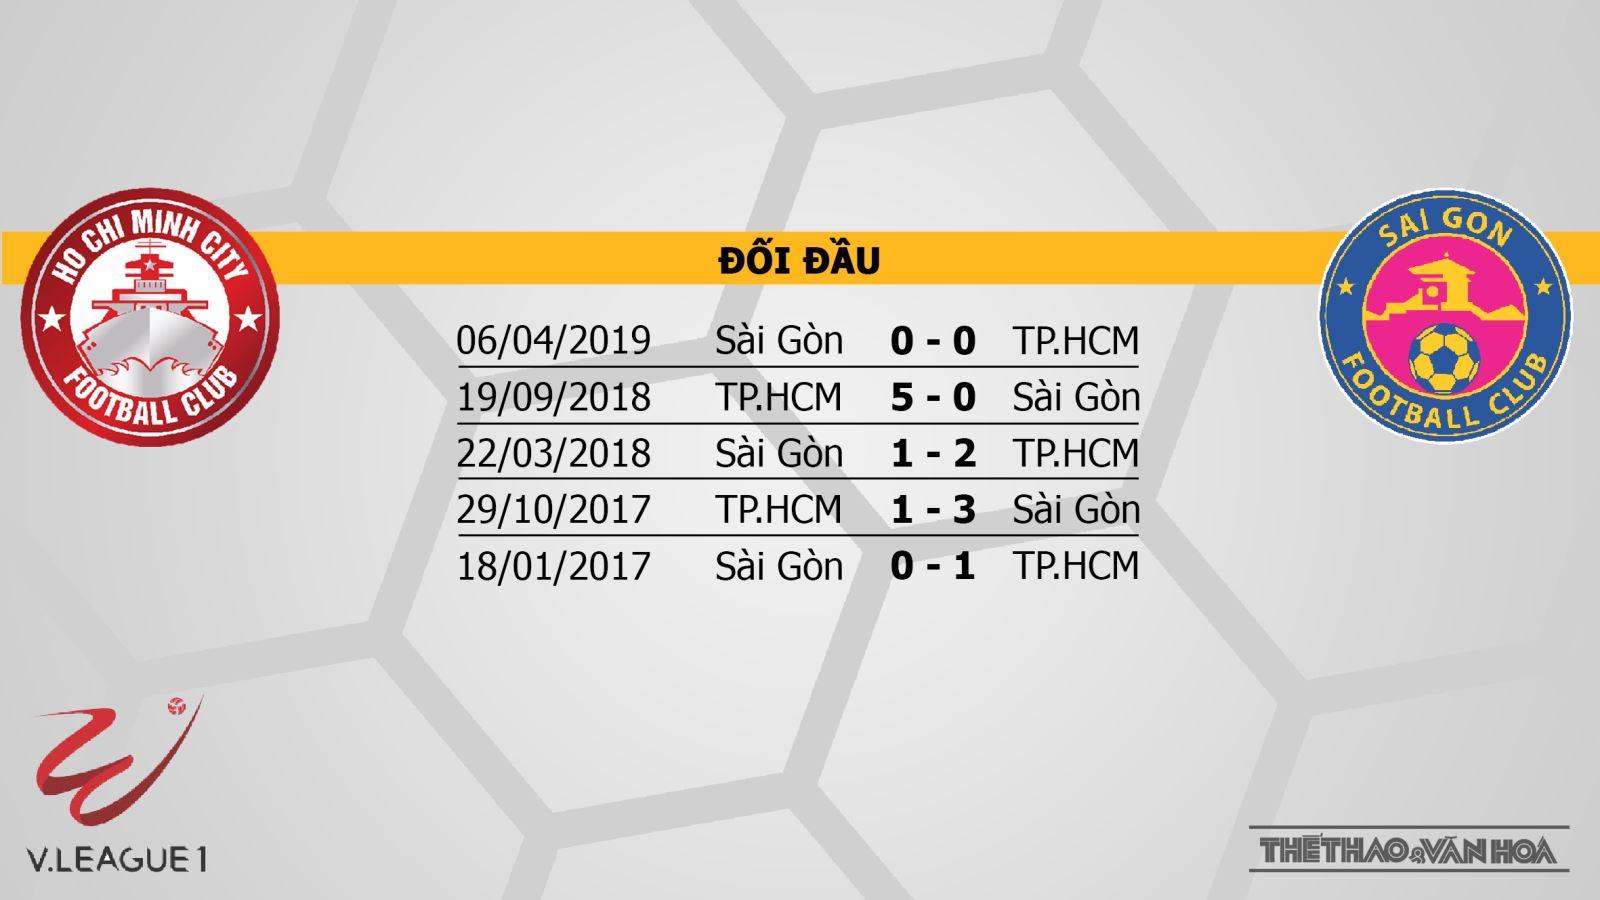 truc tiep bong da hôm nay, VTV6, TP Hồ Chí Minh đấu với Sài Gòn, trực tiếp bóng đá, TP Hồ Chí Minh vs Sài Gòn, soi keo bong da, Sài Gòn, xem bóng đá trực tiếp, V League